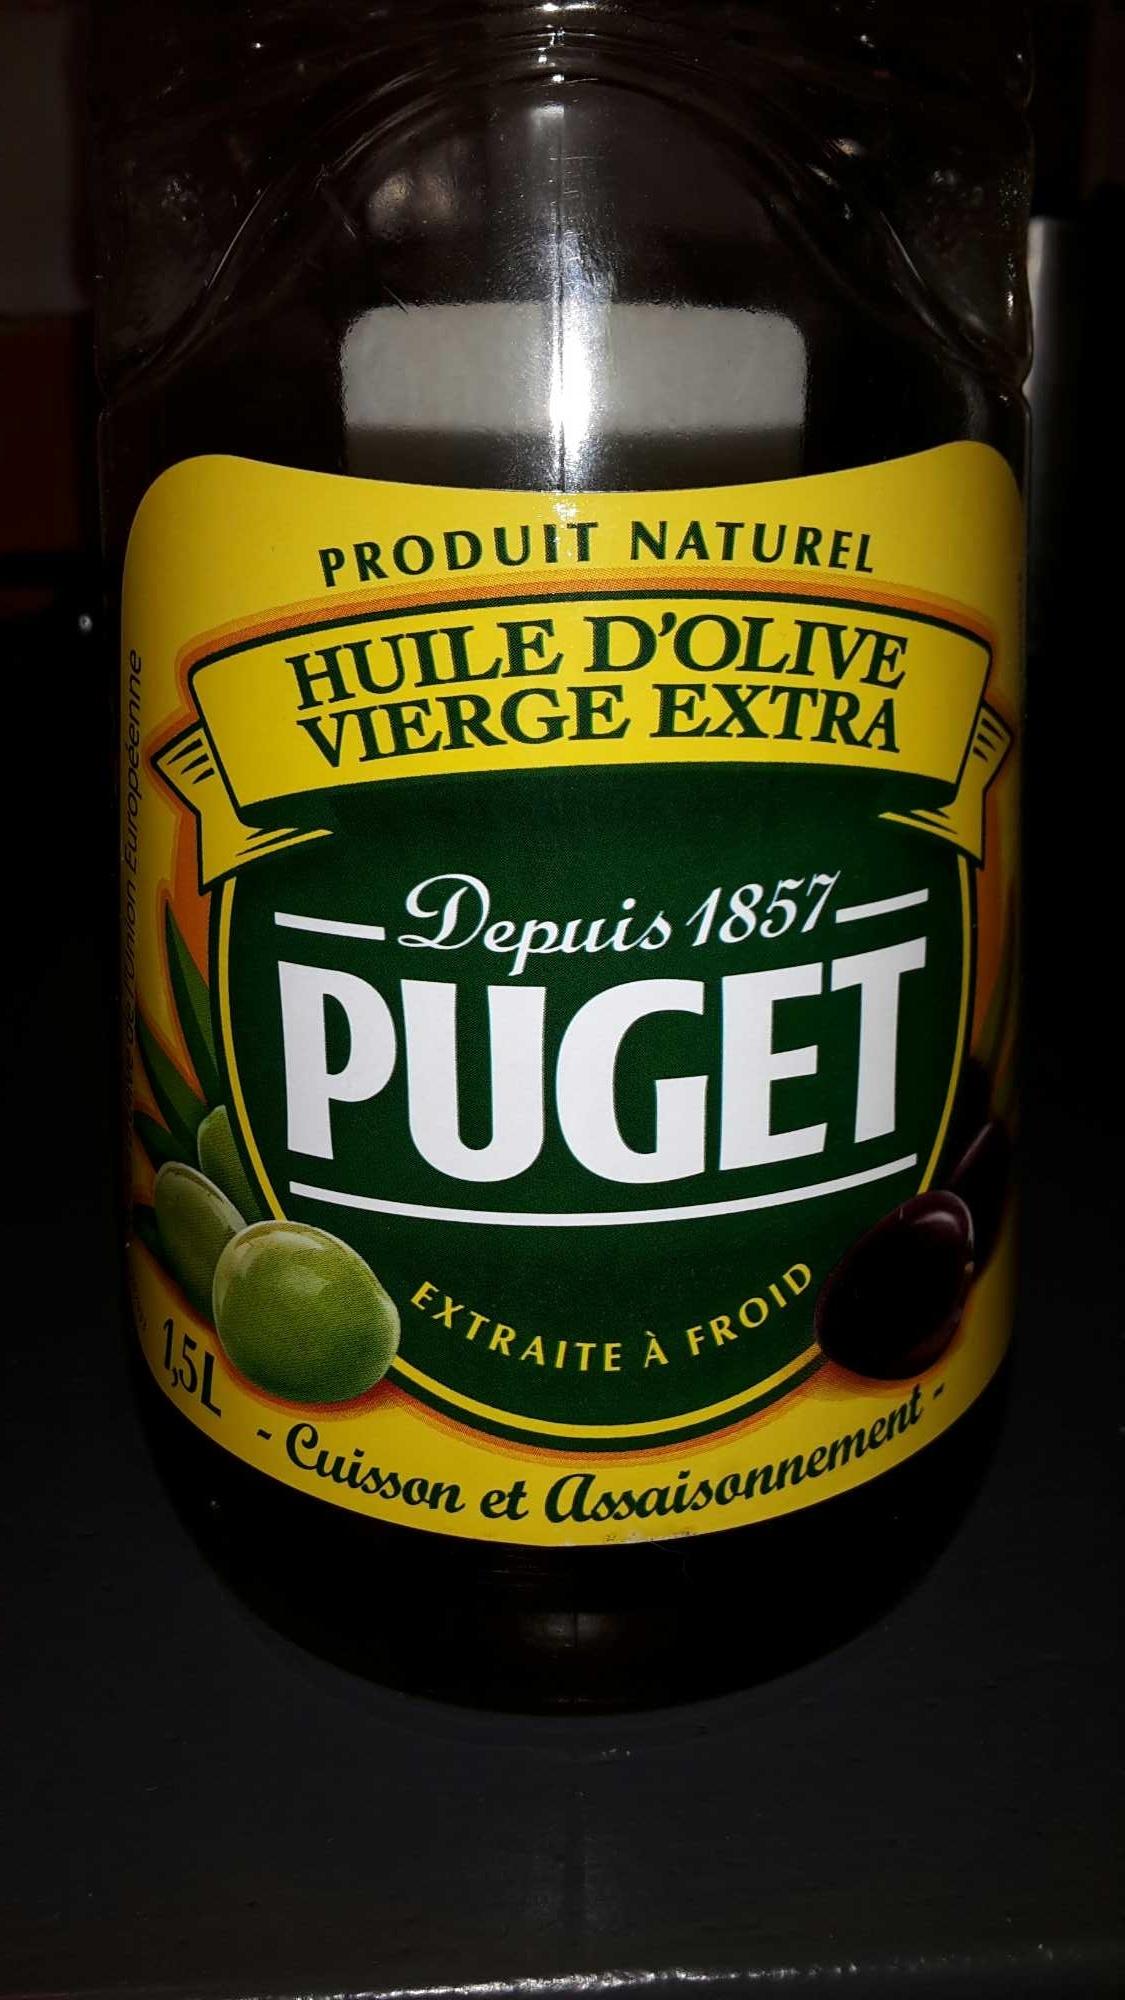 Huile d'olive/cuisson assaisonnement Puget - Product